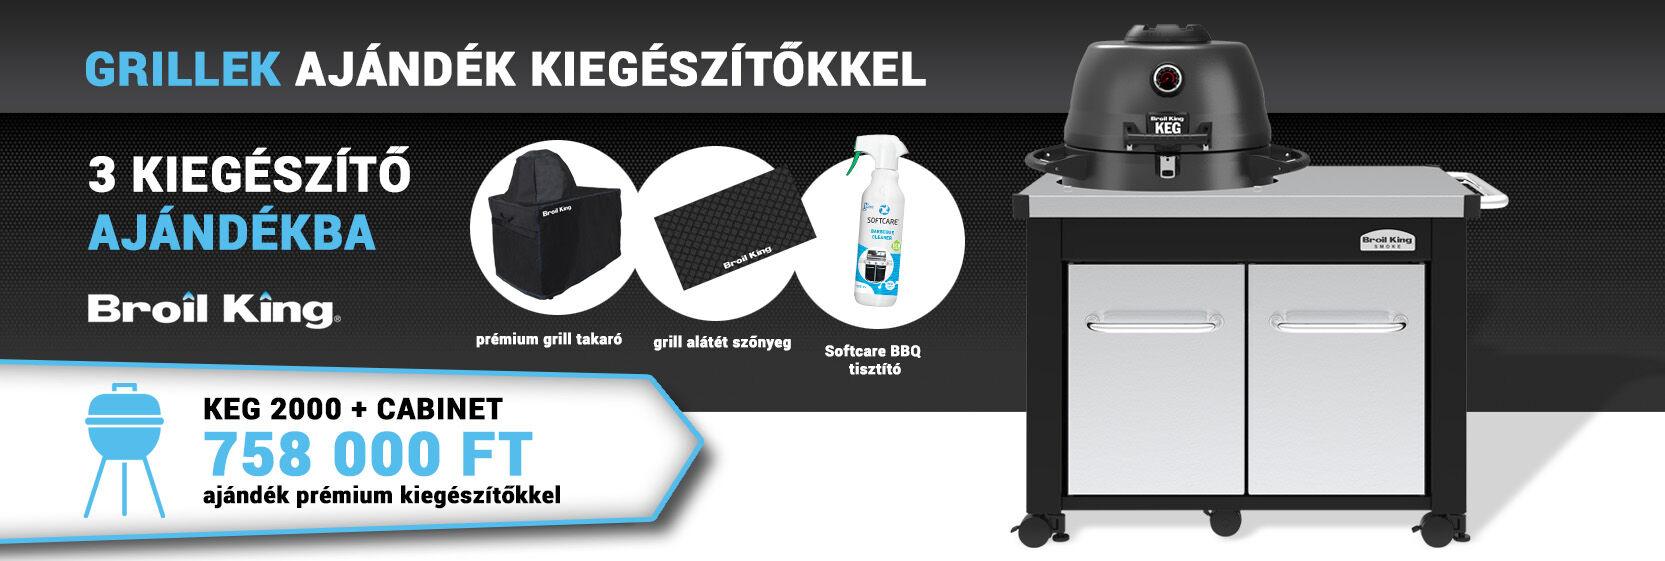 KEG+Cabinet